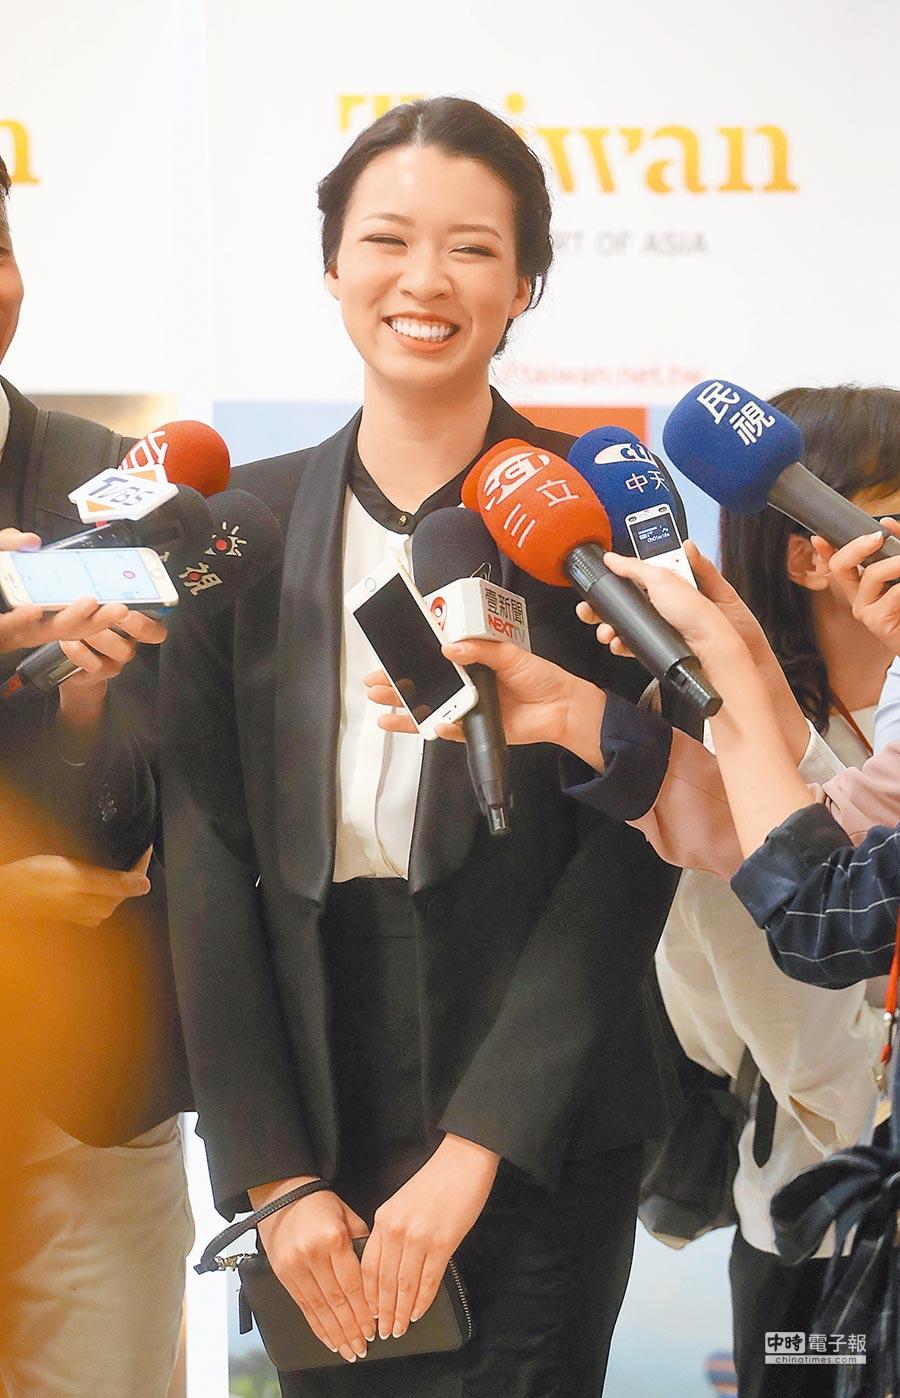 蔡英文總統當地時間12日走訪洛杉磯華僑文教服務中心,年僅17歲、甫拿下今年台美小姐后冠的黃茵格,對於台灣總統是女性非常驕傲。(中央社)